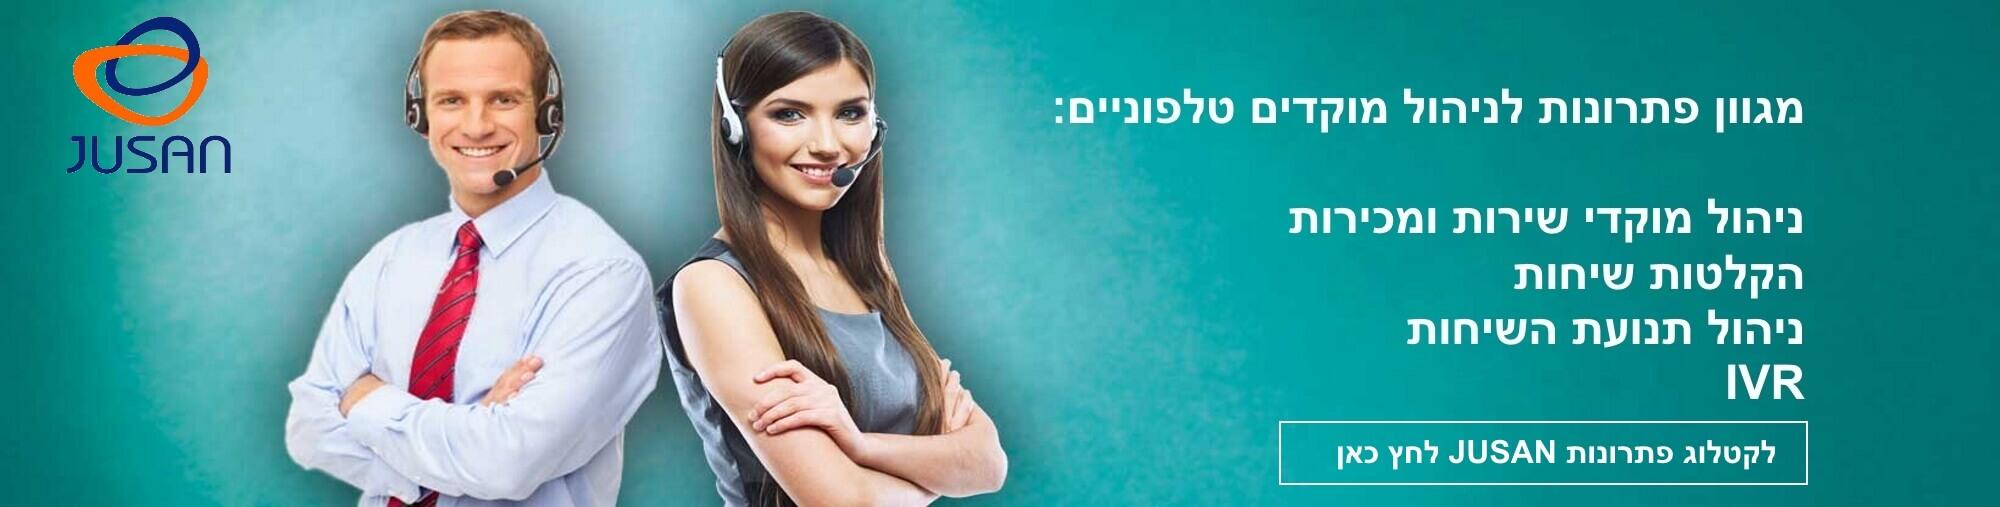 Call Center1 catalog with logo, מחשבים, מסך, אוזניות, גיימינג